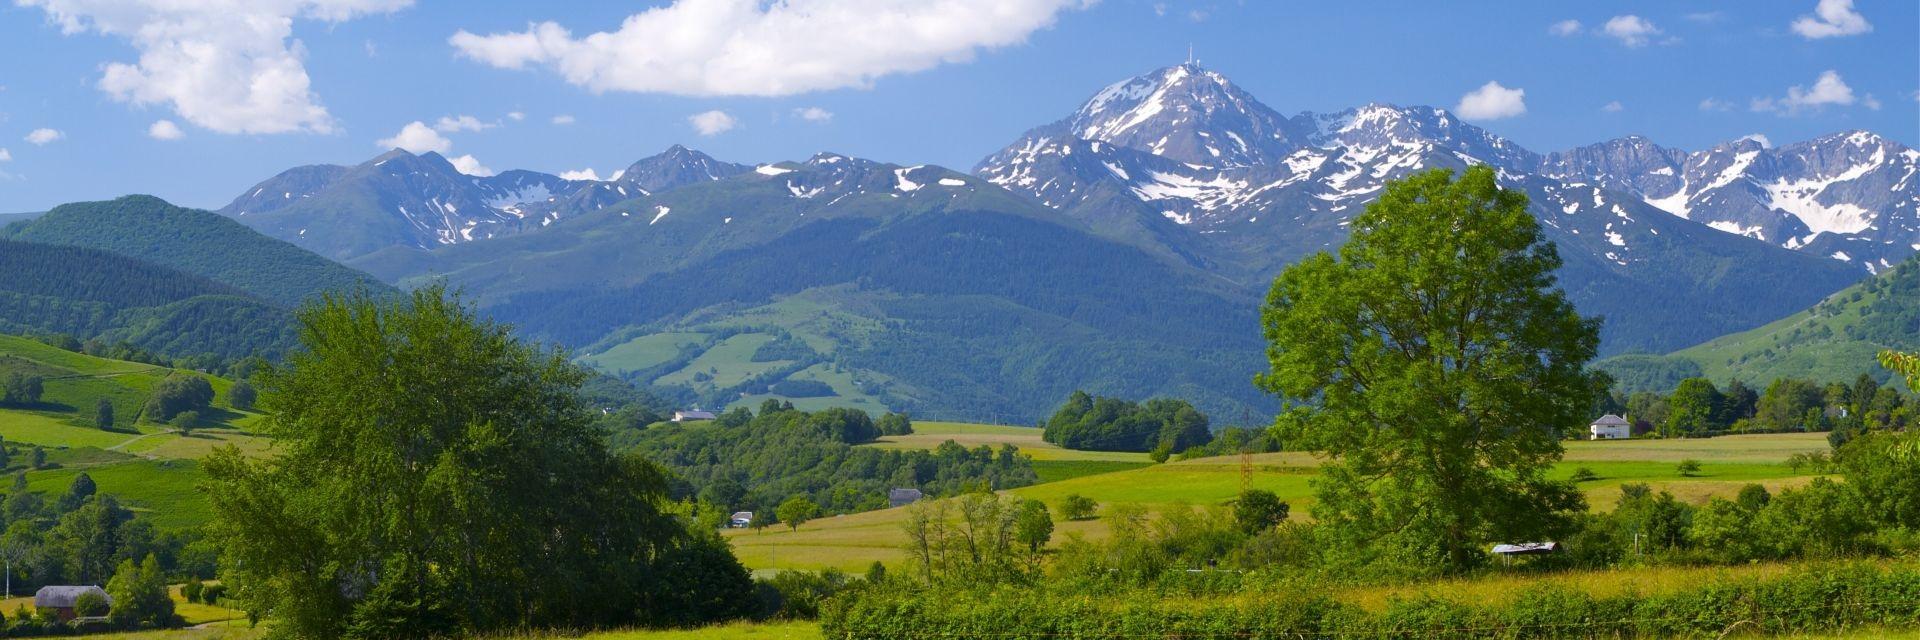 Haute pyrenees